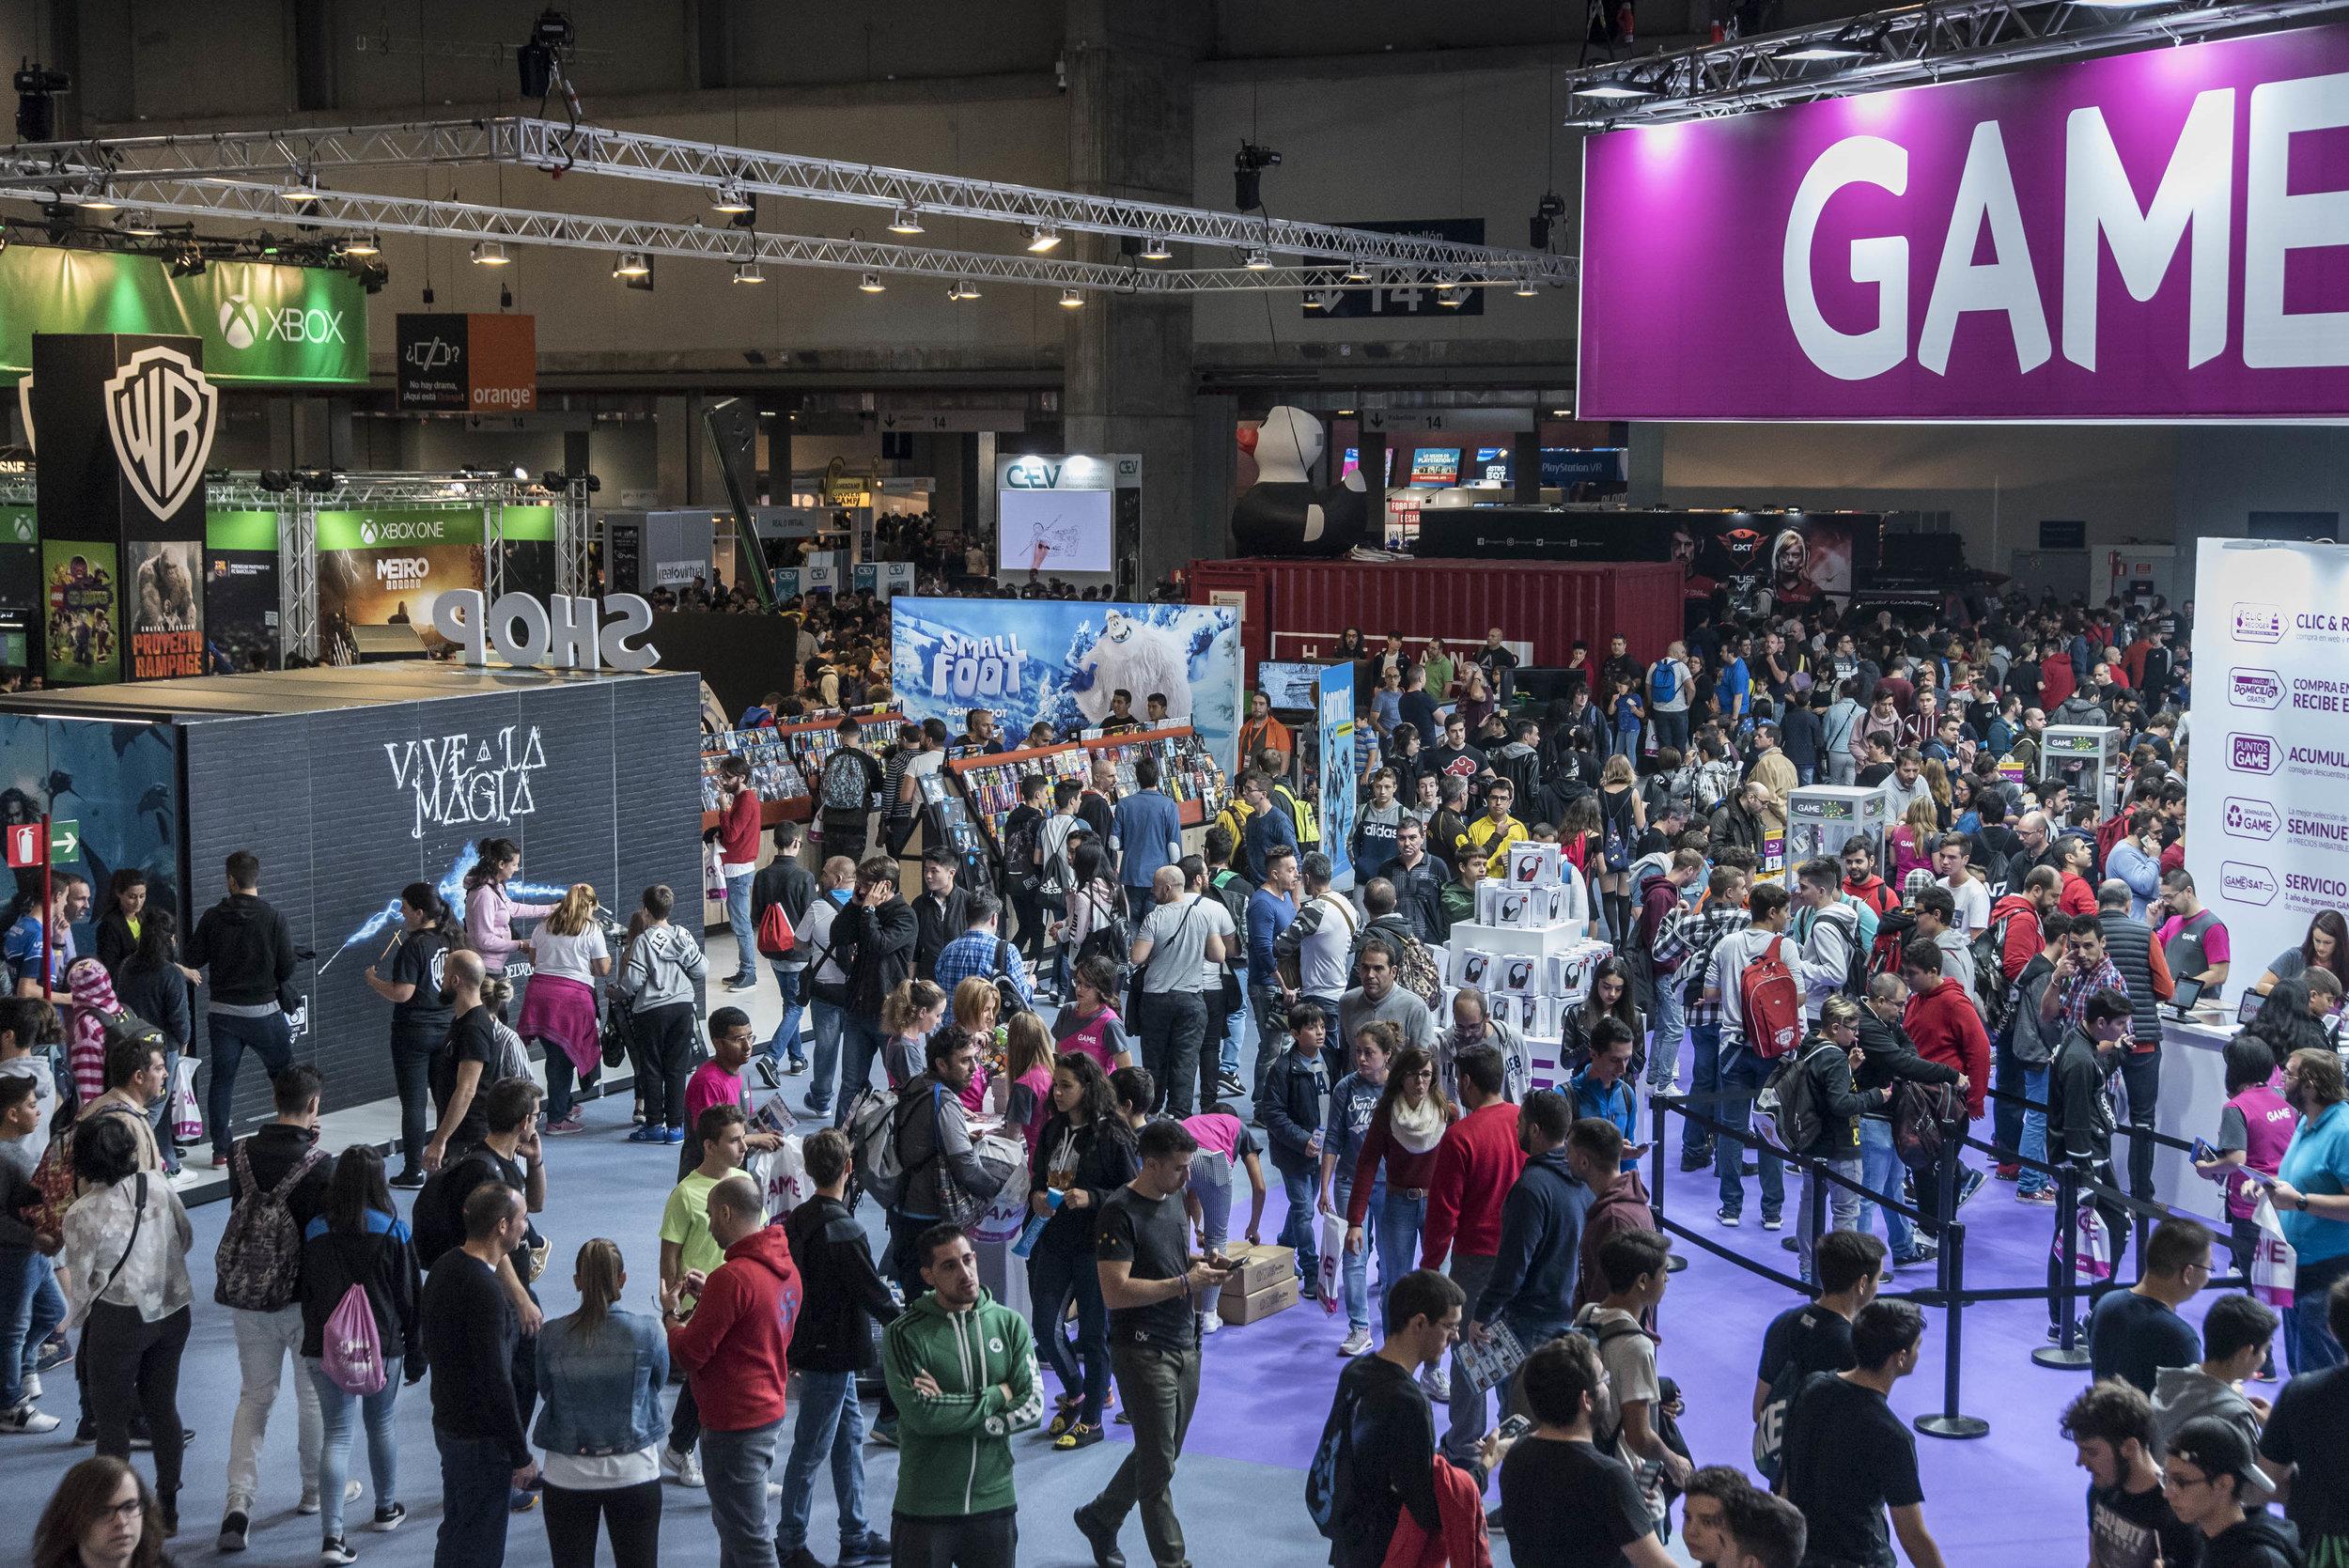 La Madrid Games Week se celebrará del 3 al 6 de octubre - Ya está en marcha una nueva edición de Madrid Games Week, la gran feria de la industria del videojuego y una de las citas más esperadas por el público aficionado al mundo de los videojuegos que, organizada por IFEMA y la Asociación Española de Videojuegos (AEVI), tendrá lugar en los pabellones de Feria de Madrid, del 3 al 6 de octubre.Tras el éxito rotundo de su pasada convocatoria, congregando a más de 136.000 visitantes, y en la que participaron 138 empresas a lo largo de 270 stands, MGW 2019 se afianza como lugar de encuentro de la industria, y como el espacio de referencia internacional donde conocer y probar las últimas novedades y lanzamientos de las marcas líderes, entre otras propuestas.En este sentido, y a modo de avance, los contenidos de la Feria del Videojuego y la Electrónica para el Ocio abarcarán desde software para el ocio digital, en sus versiones de entretenimiento, que ofrecerán las primeras marcas del mercado, hasta plataformas de hardware, pasando por espacios para desarrolladores de videojuegos y networking, así como la oferta de accesorios y merchandising, entre otros.Por otra parte y como cada año, MGW está preparando también diferentes áreas temáticas dirigidas al gran público que vendrán a complementar la oferta de la feria con presencia de actividades dedicadas a Manga, cosplay, y realidad virtual, además de zonas de exposición retro, robótica, concursos, charlas, debates y apasionantes competiciones de esports, entre otros contenidos, que cuentan con un gran número de seguidores.09/06/2019